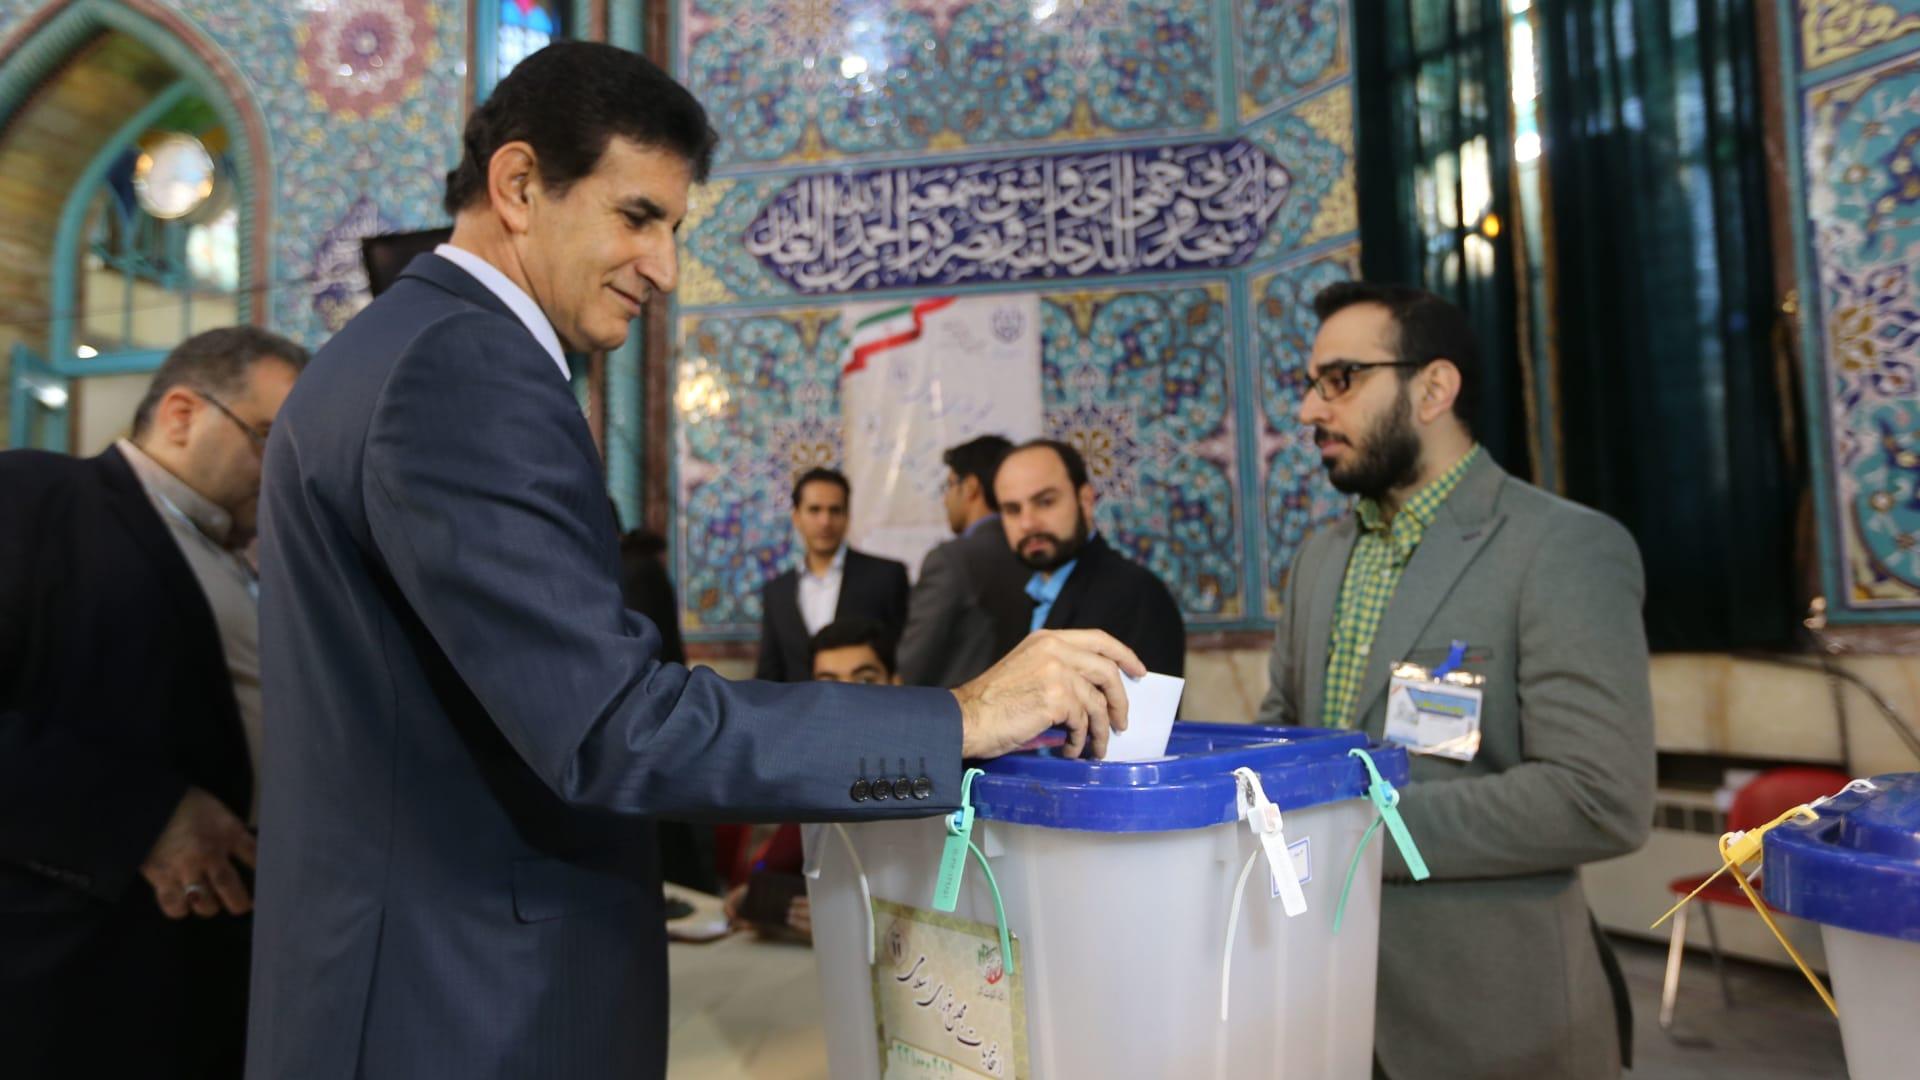 إيران تسابق الزمن لمنع تفشي فيروس كورونا